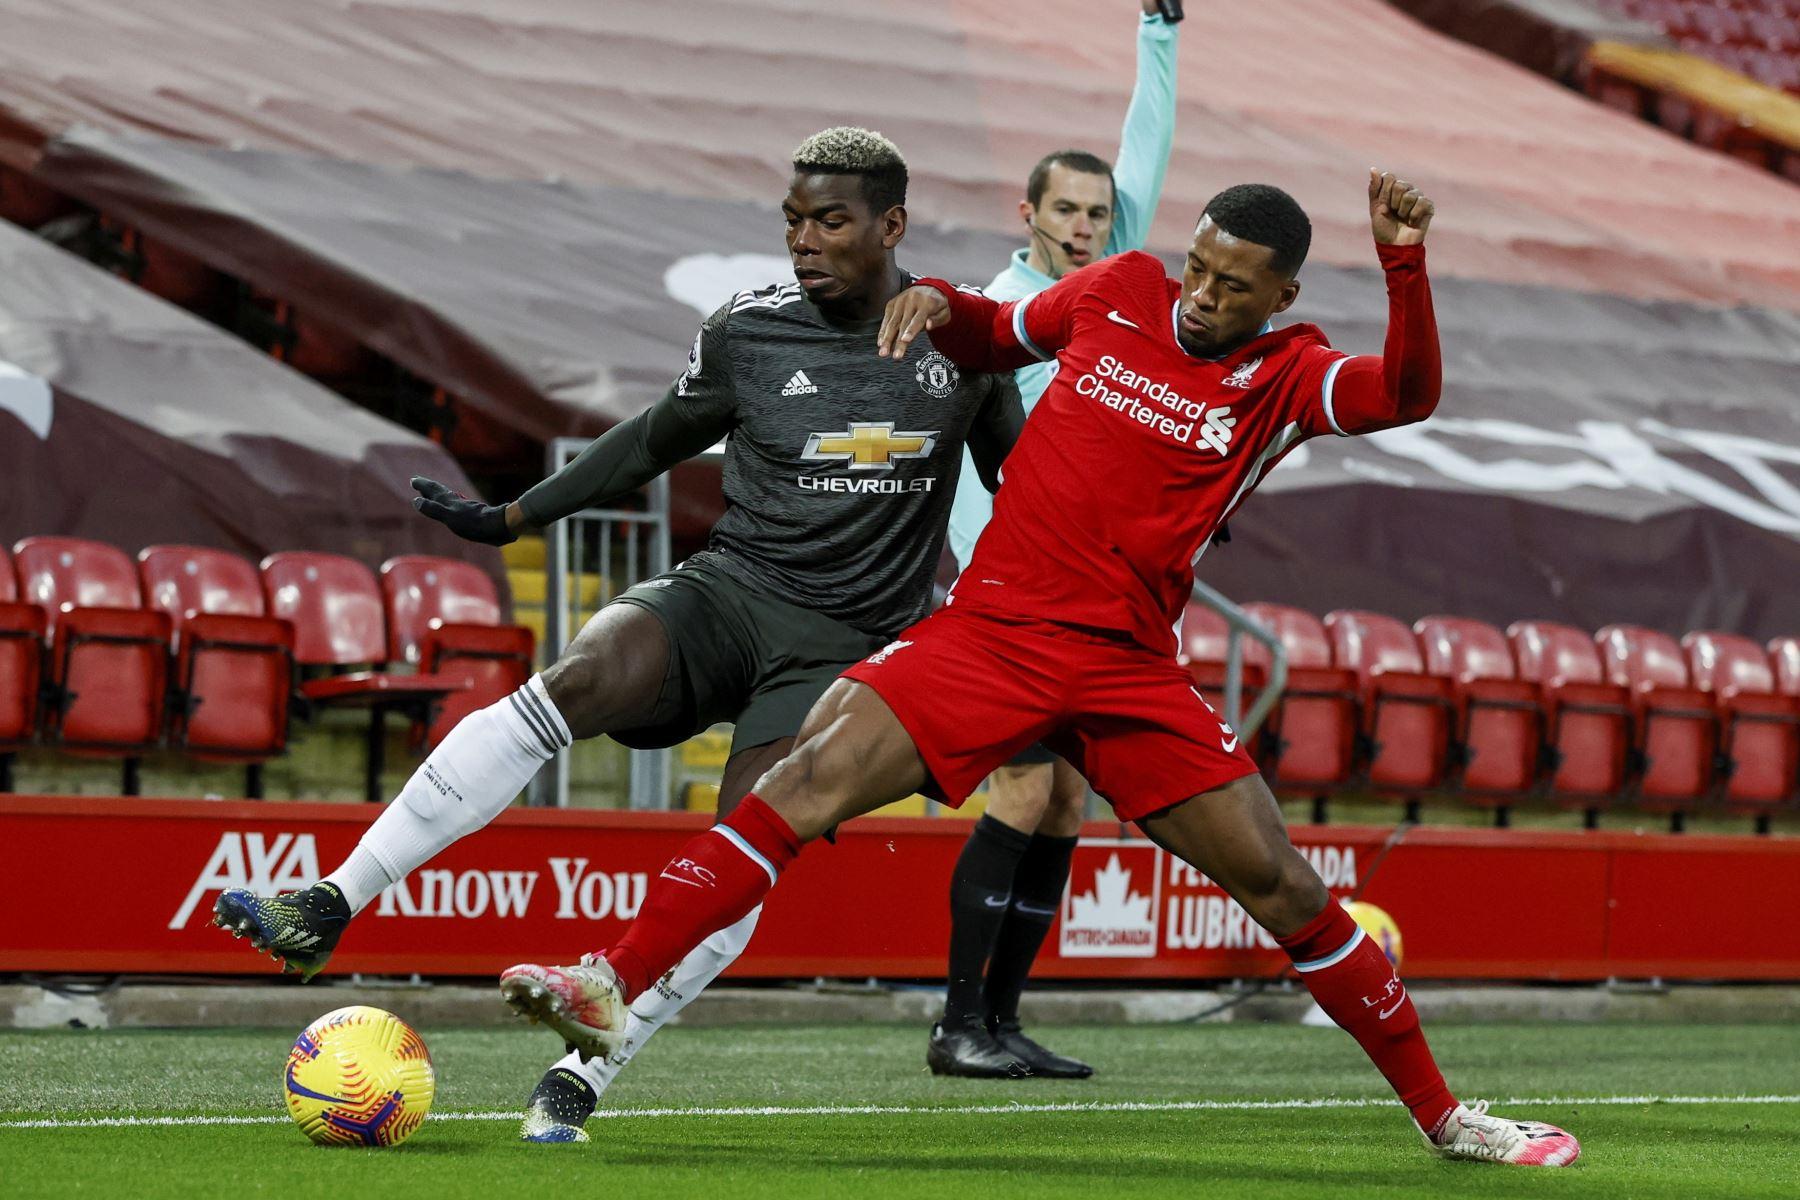 Paul Pogba del Manchester United en acción contra Georginio Wijnaldum (R) del Liverpool durante el partido de fútbol de la Premier League inglesa entre el Liverpool FC y el Manchester United. Foto: EFE